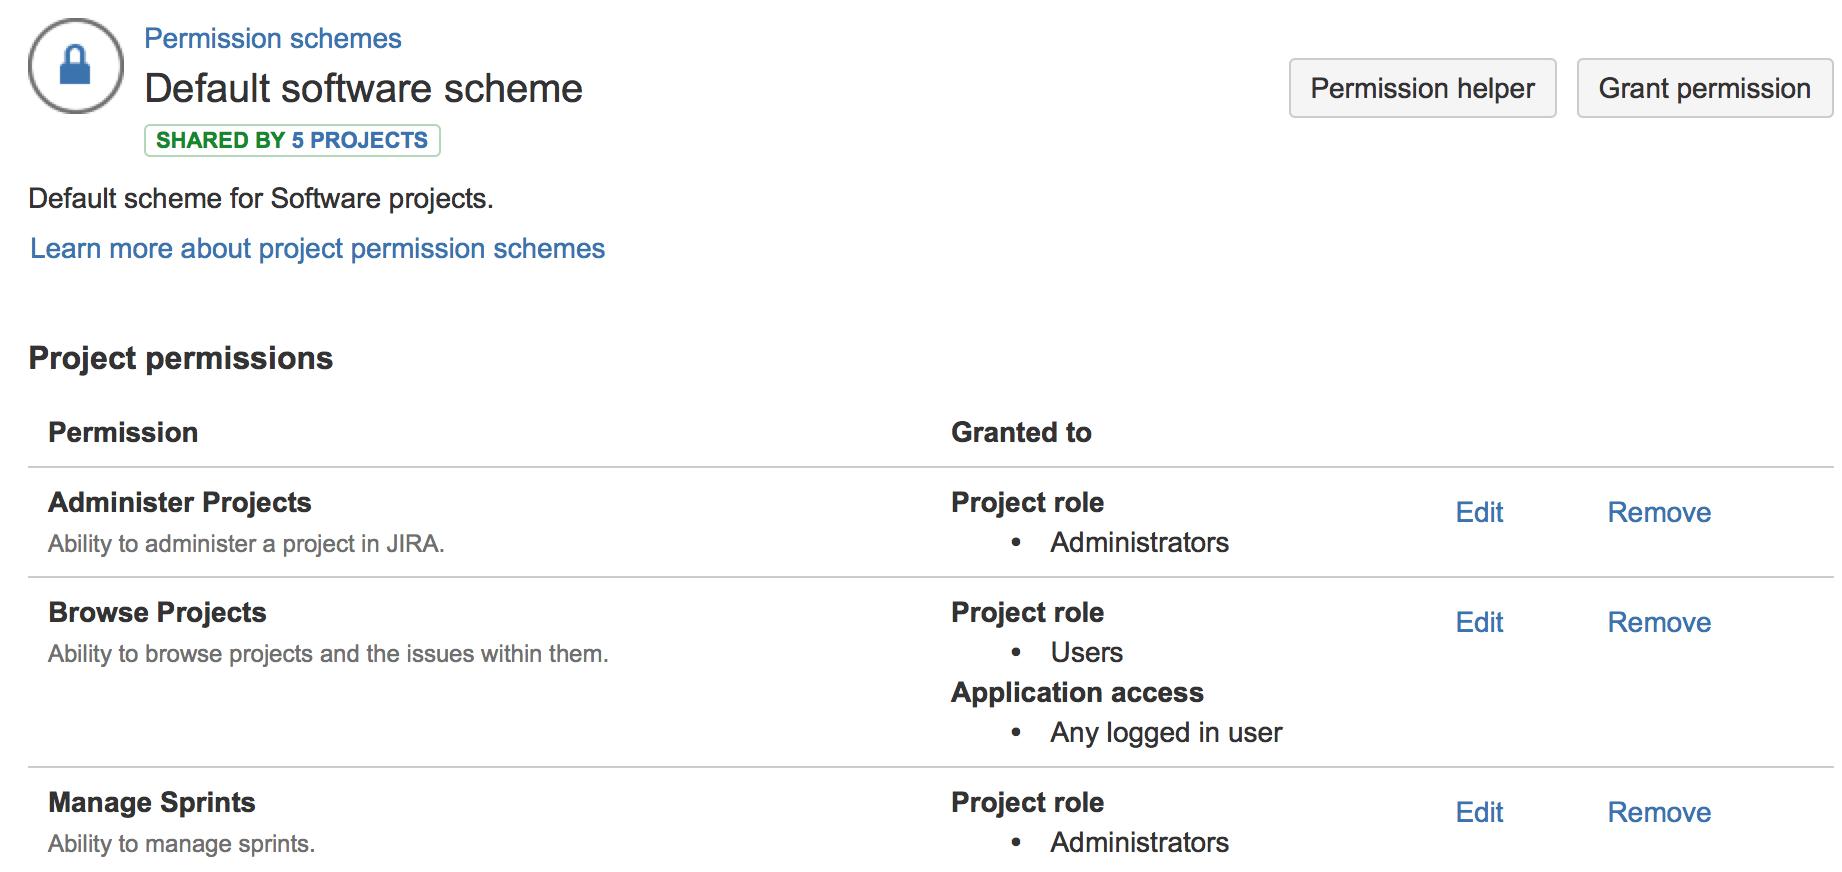 JIRA Default software scheme